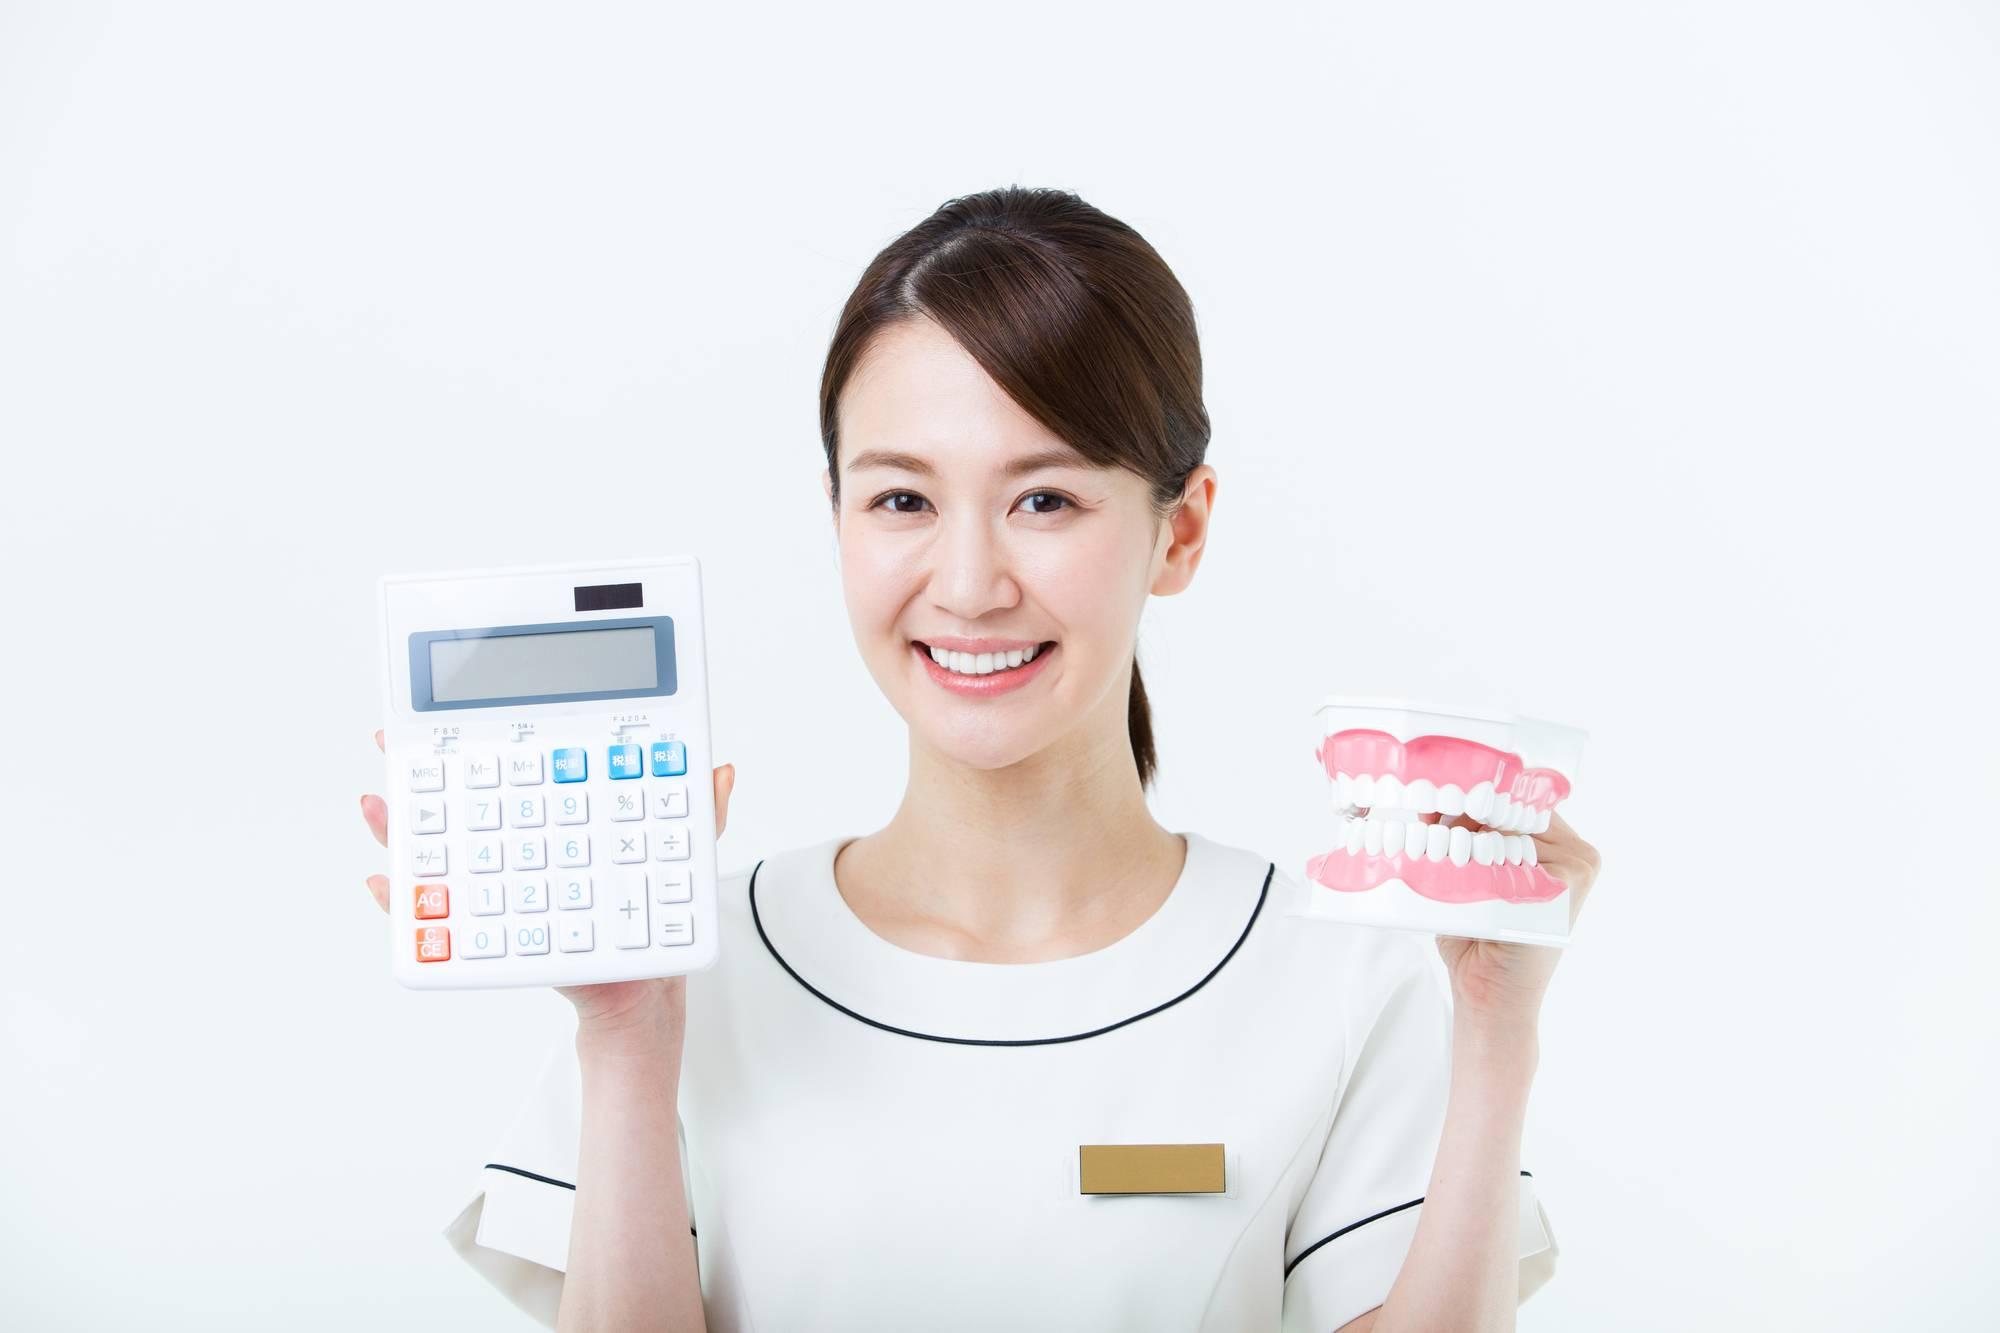 歯の模型と計算機を持つ歯科衛生士